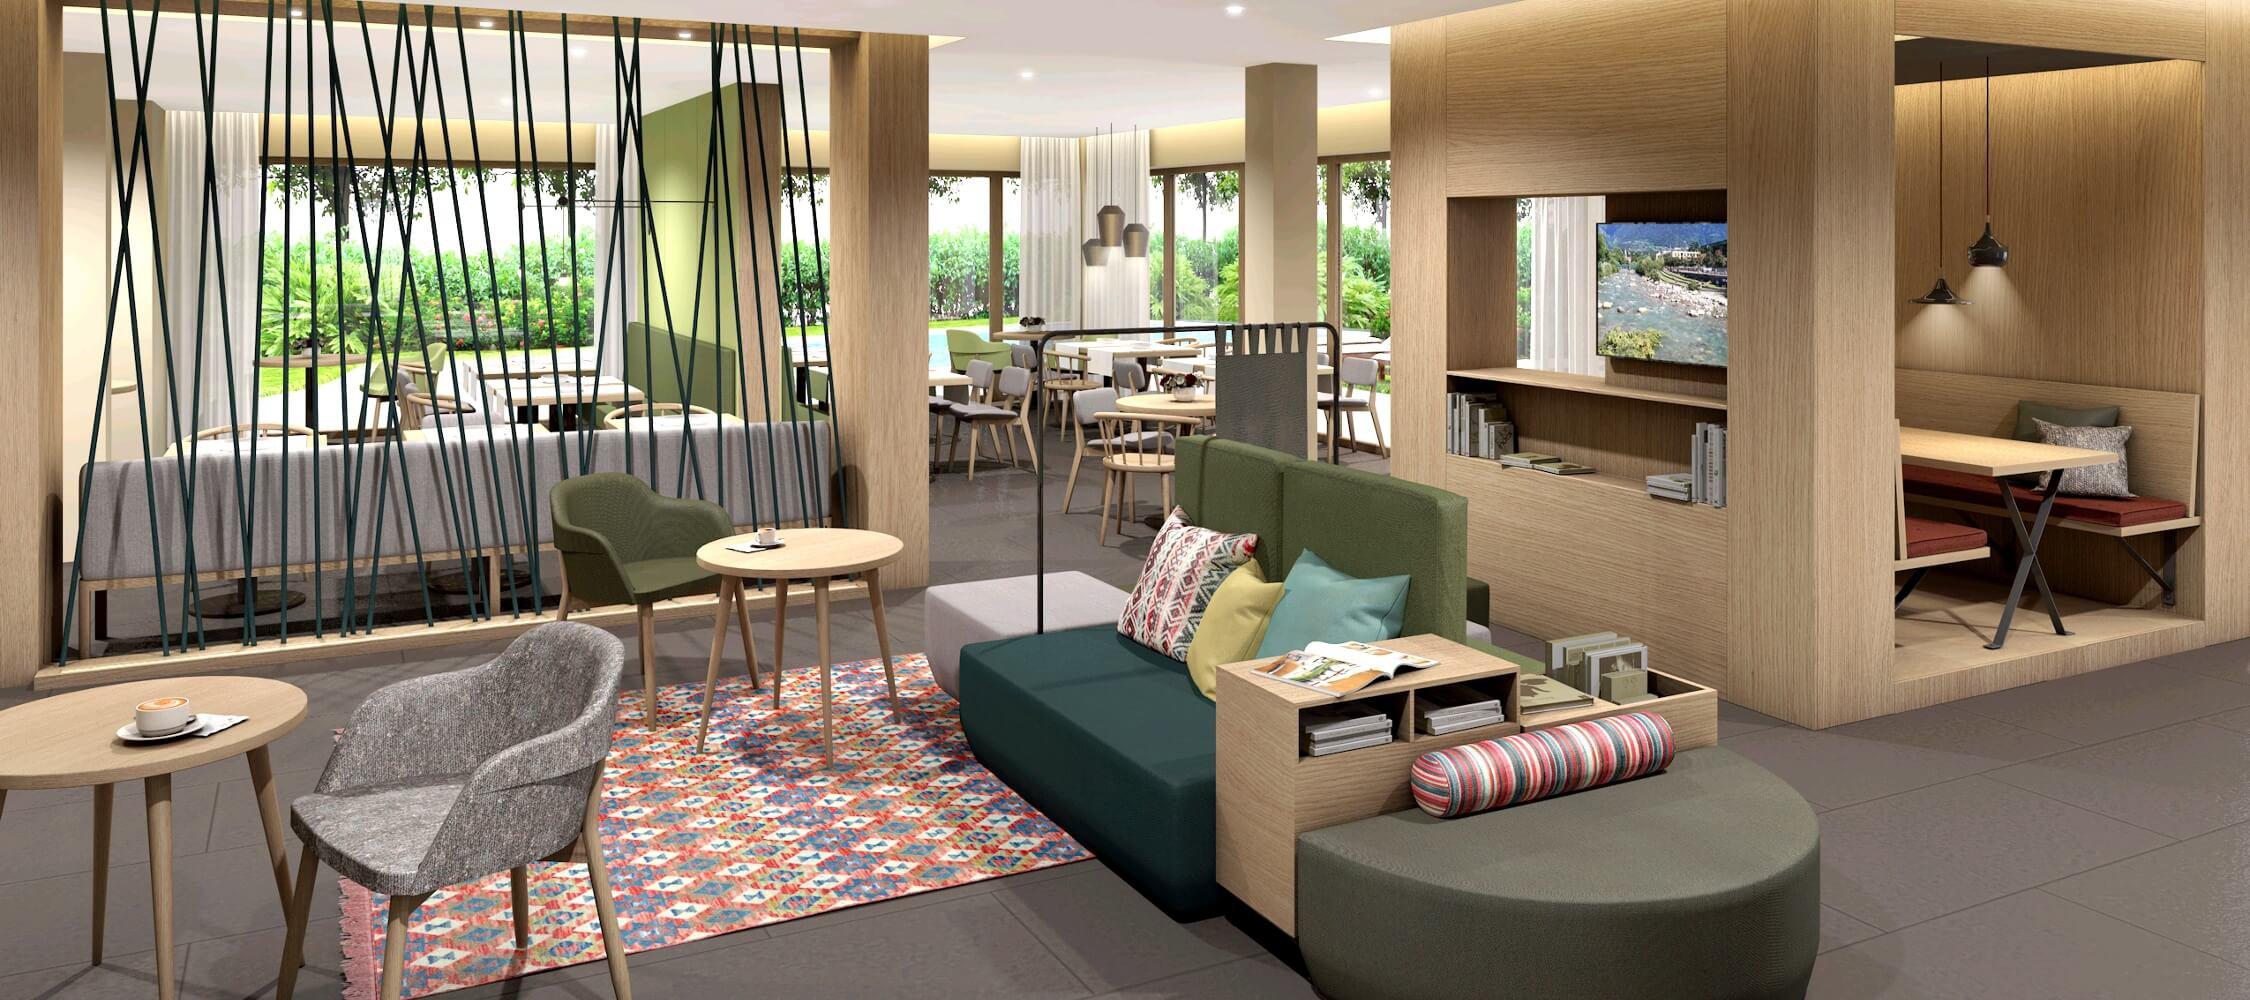 Hotel Flora, Meran, 3-Sterne Hotel, Appartements, Lobby, an der Kurpromenade, ruhig, zentral